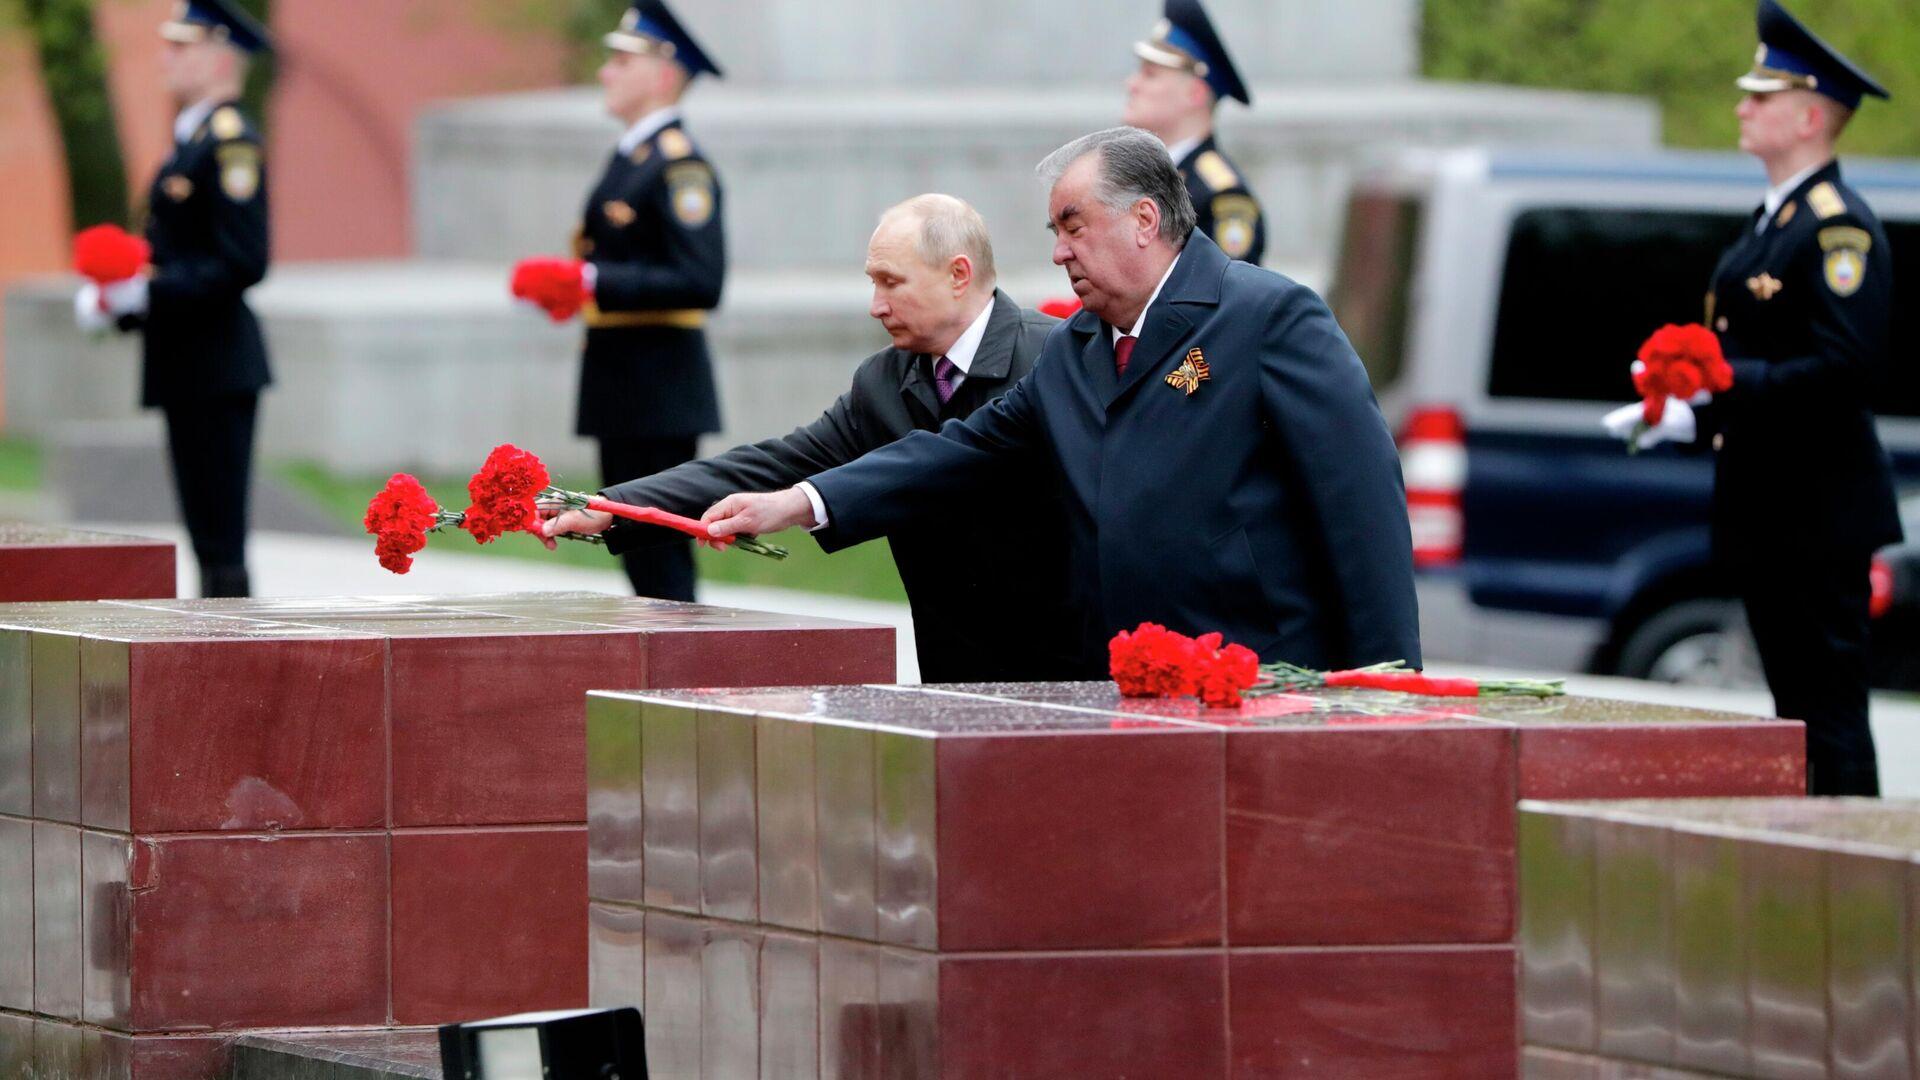 El presidente ruso, Vladímir Putin, y el presidente de Tayikistán, Emomalí Rajmón, depositan una ofrenda floral en la tumba del soldado desconocido - Sputnik Mundo, 1920, 09.05.2021